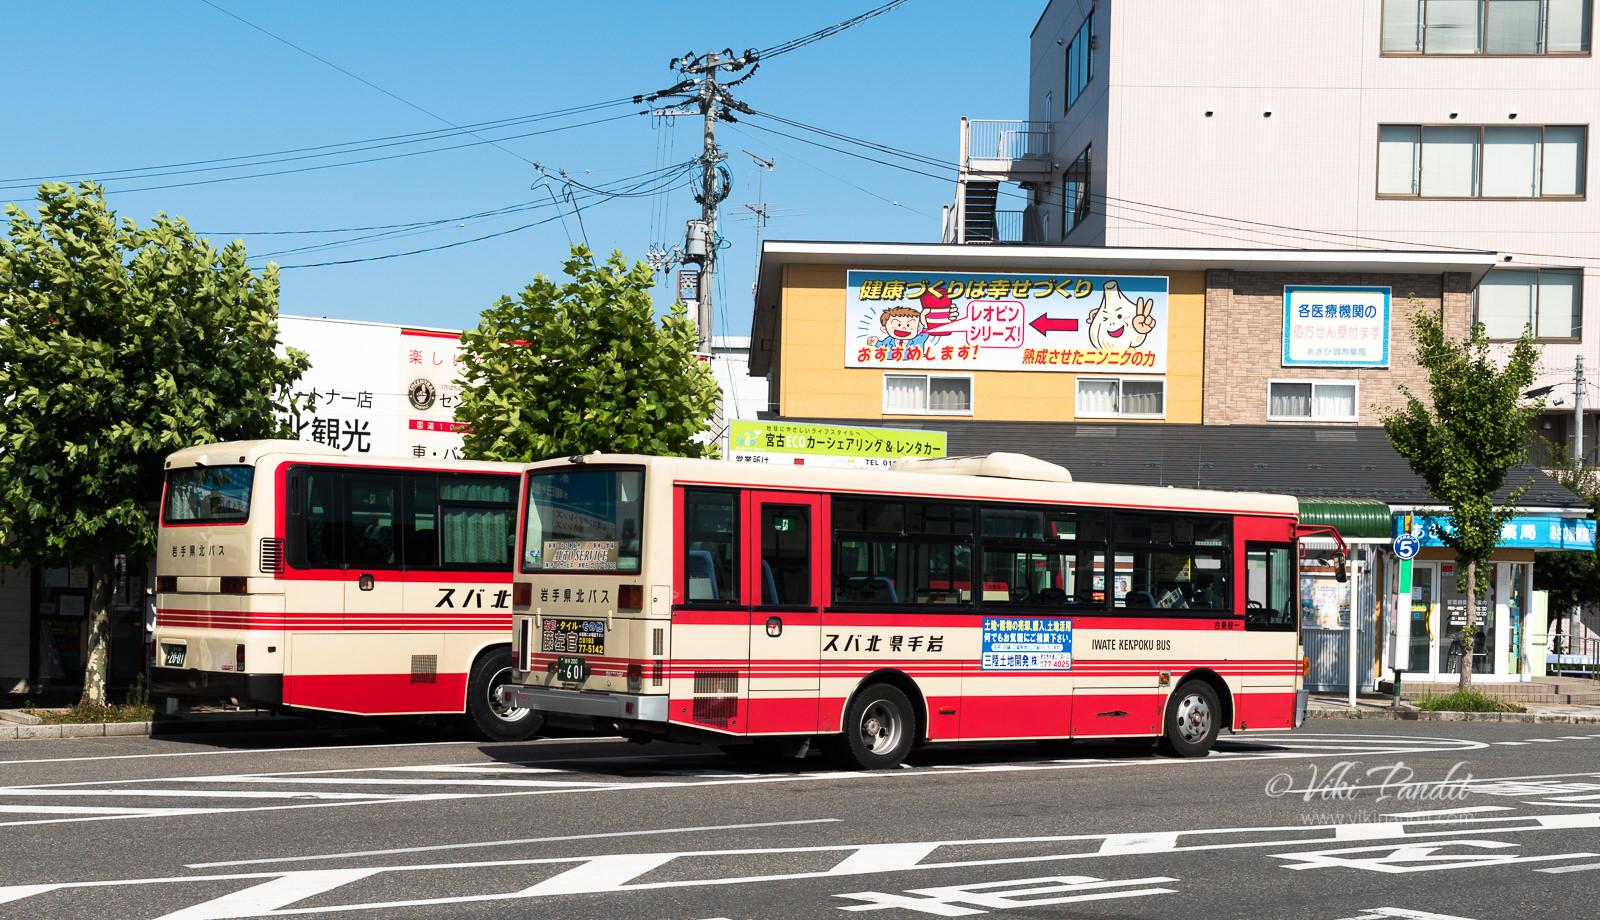 Iwate-Kenpoku Bus